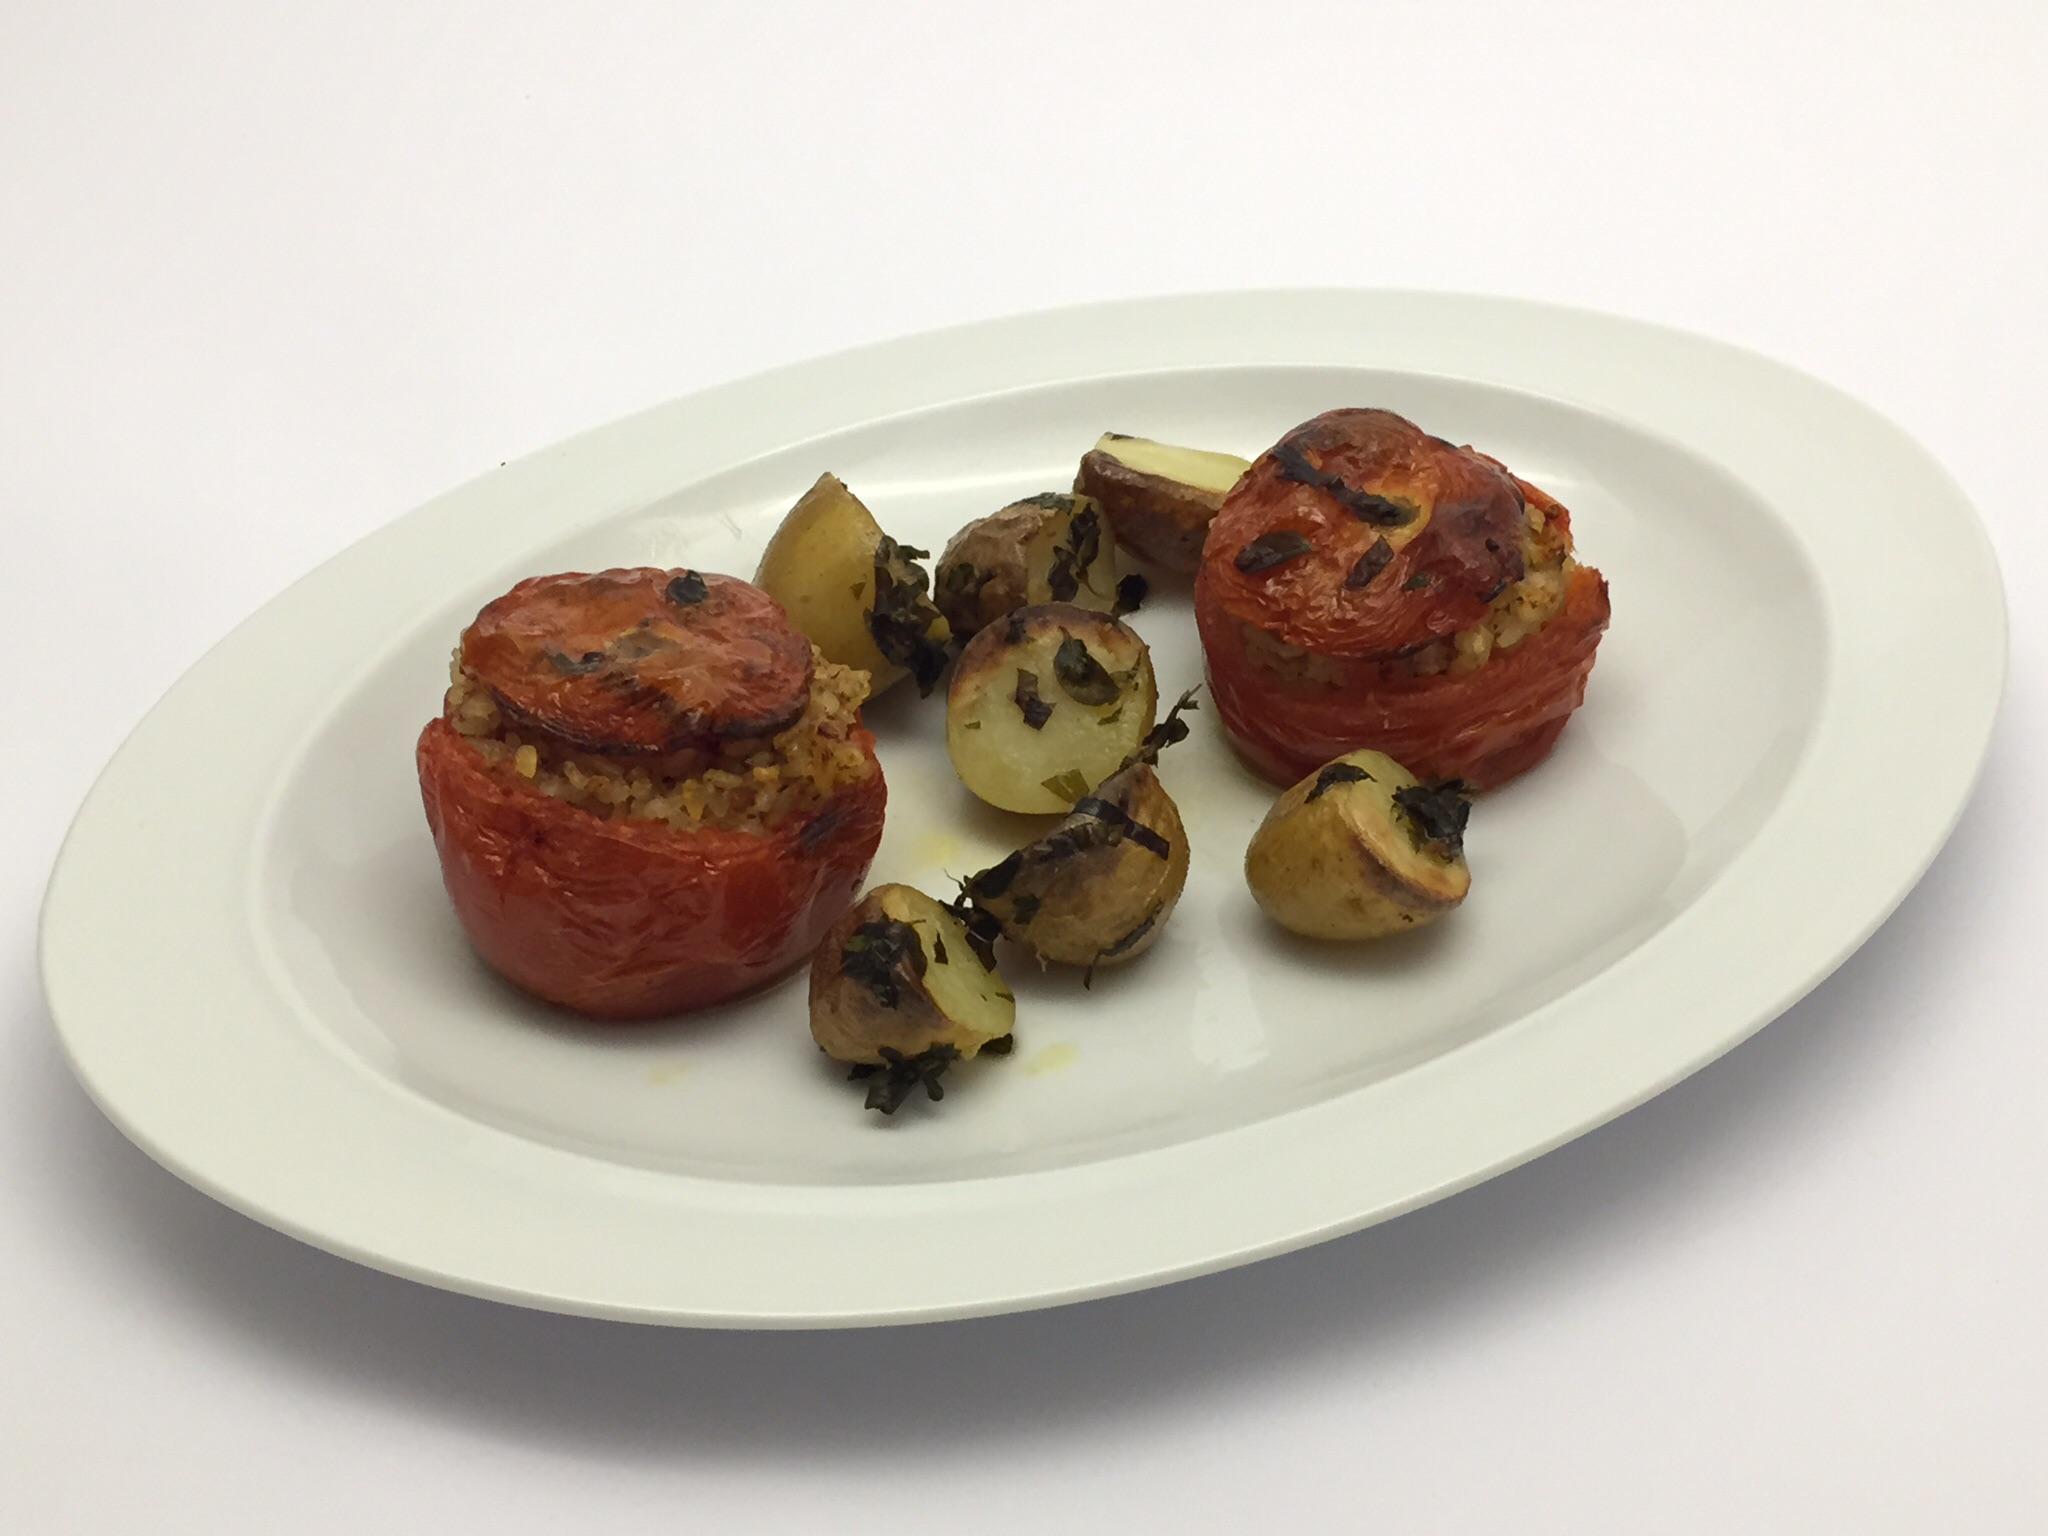 Pomodori Ripieni Al Riso Sono Un Classico Della Cucina Mediterranea #6B3A23 2048 1536 Cucina Mediterranea Senza Glutine Pdf